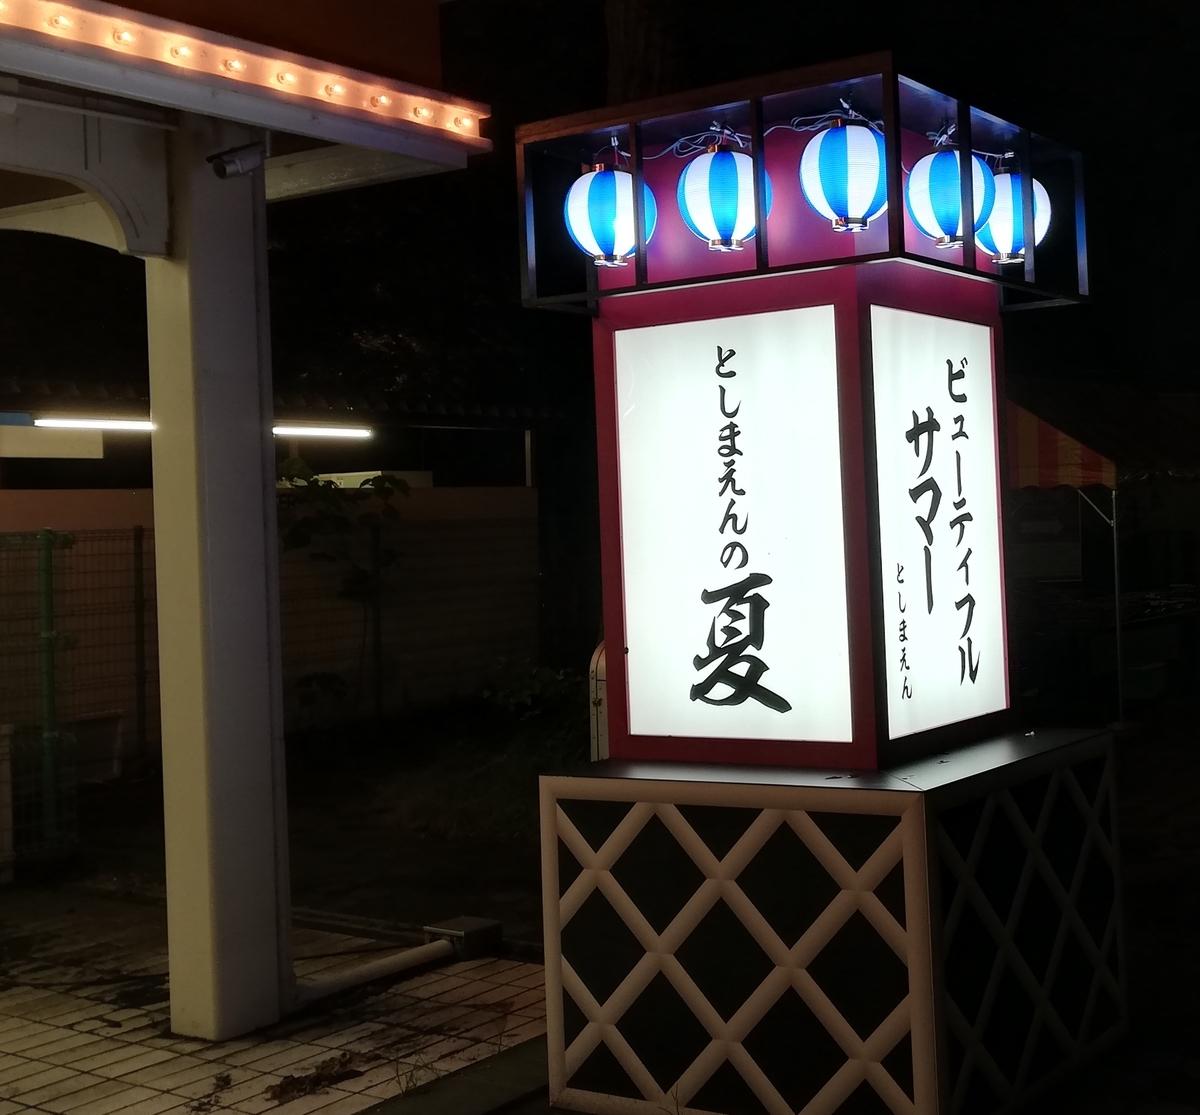 f:id:Tokyo-amuse:20190824012310j:plain